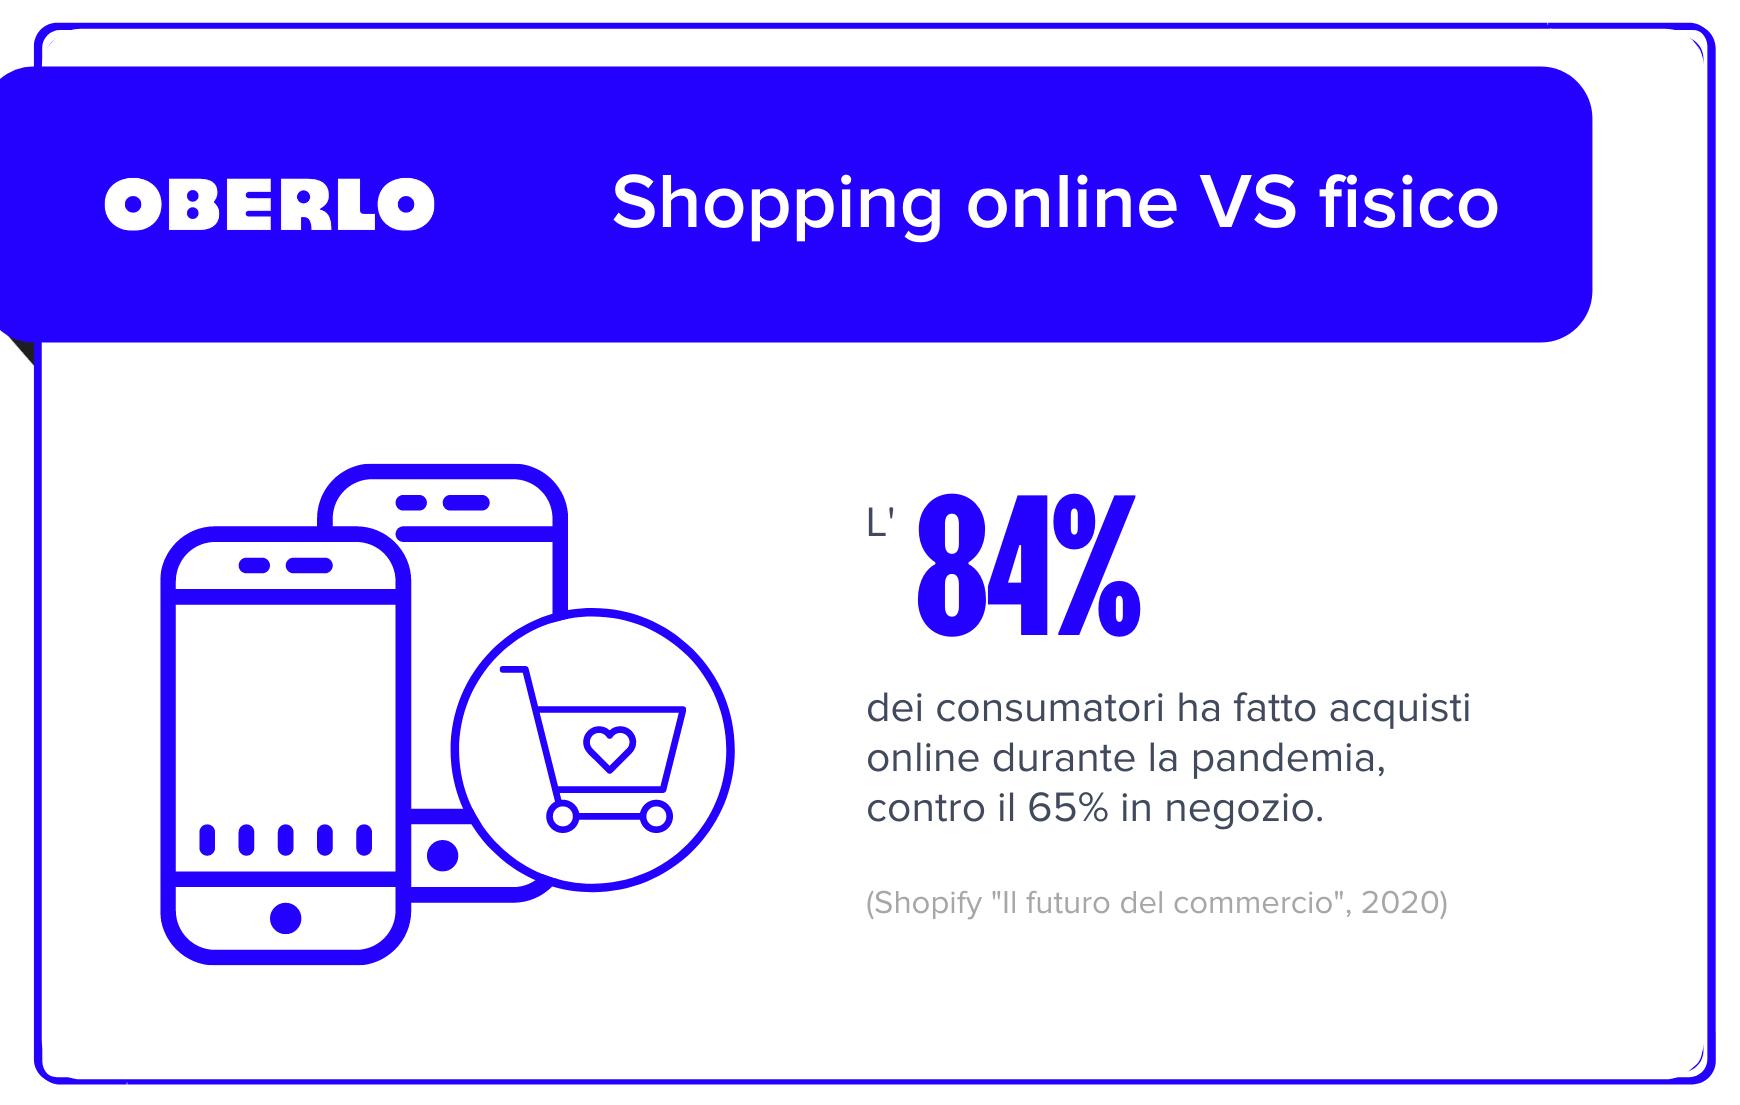 shopping online vs fisico stat